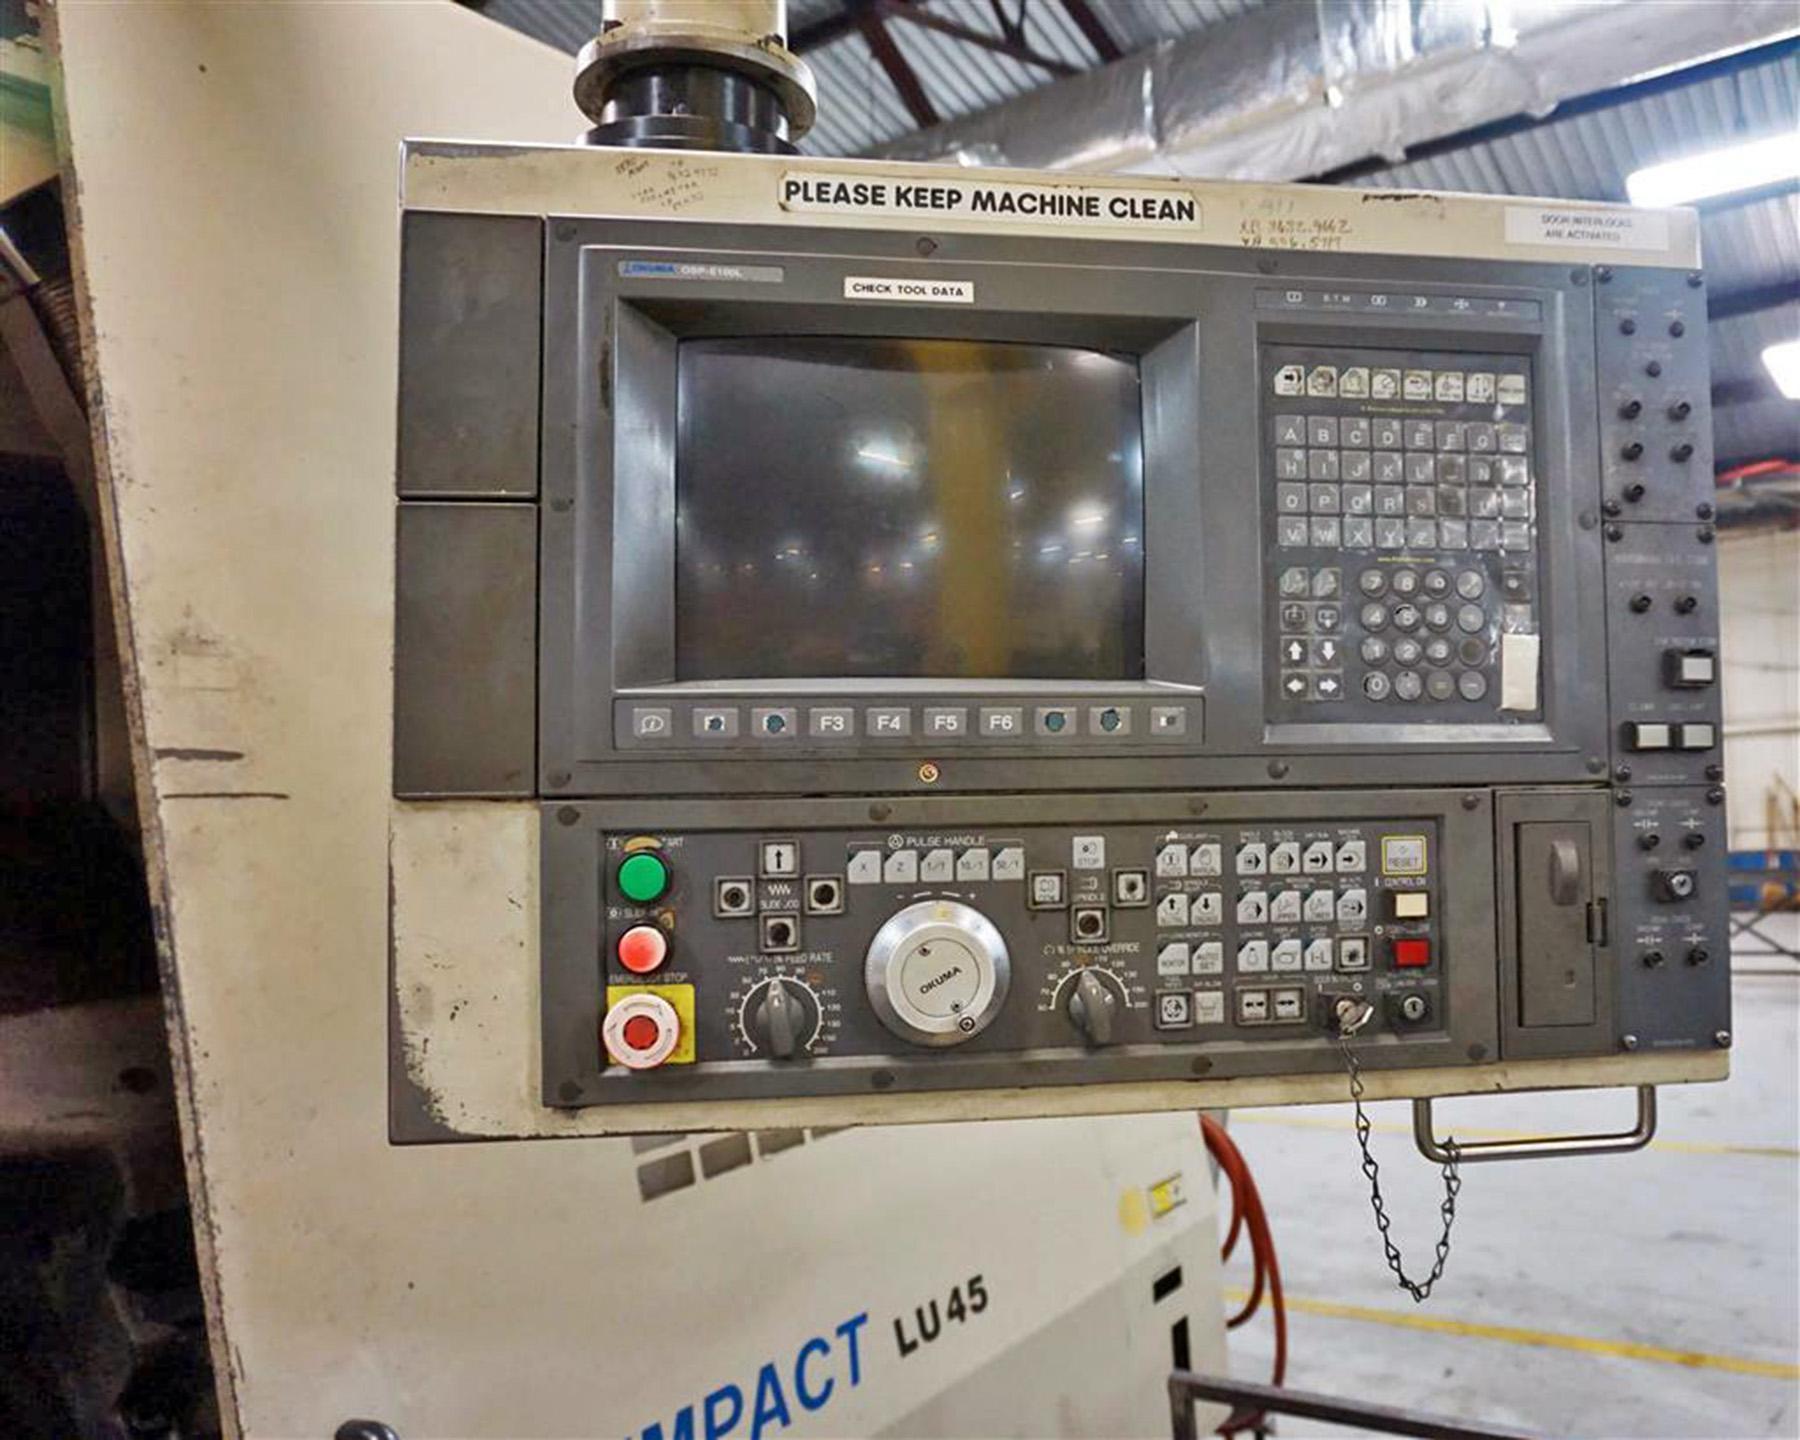 USED, OKUMA IMPACT LU45 SSB-2000 4 AXIS CNC LATHE